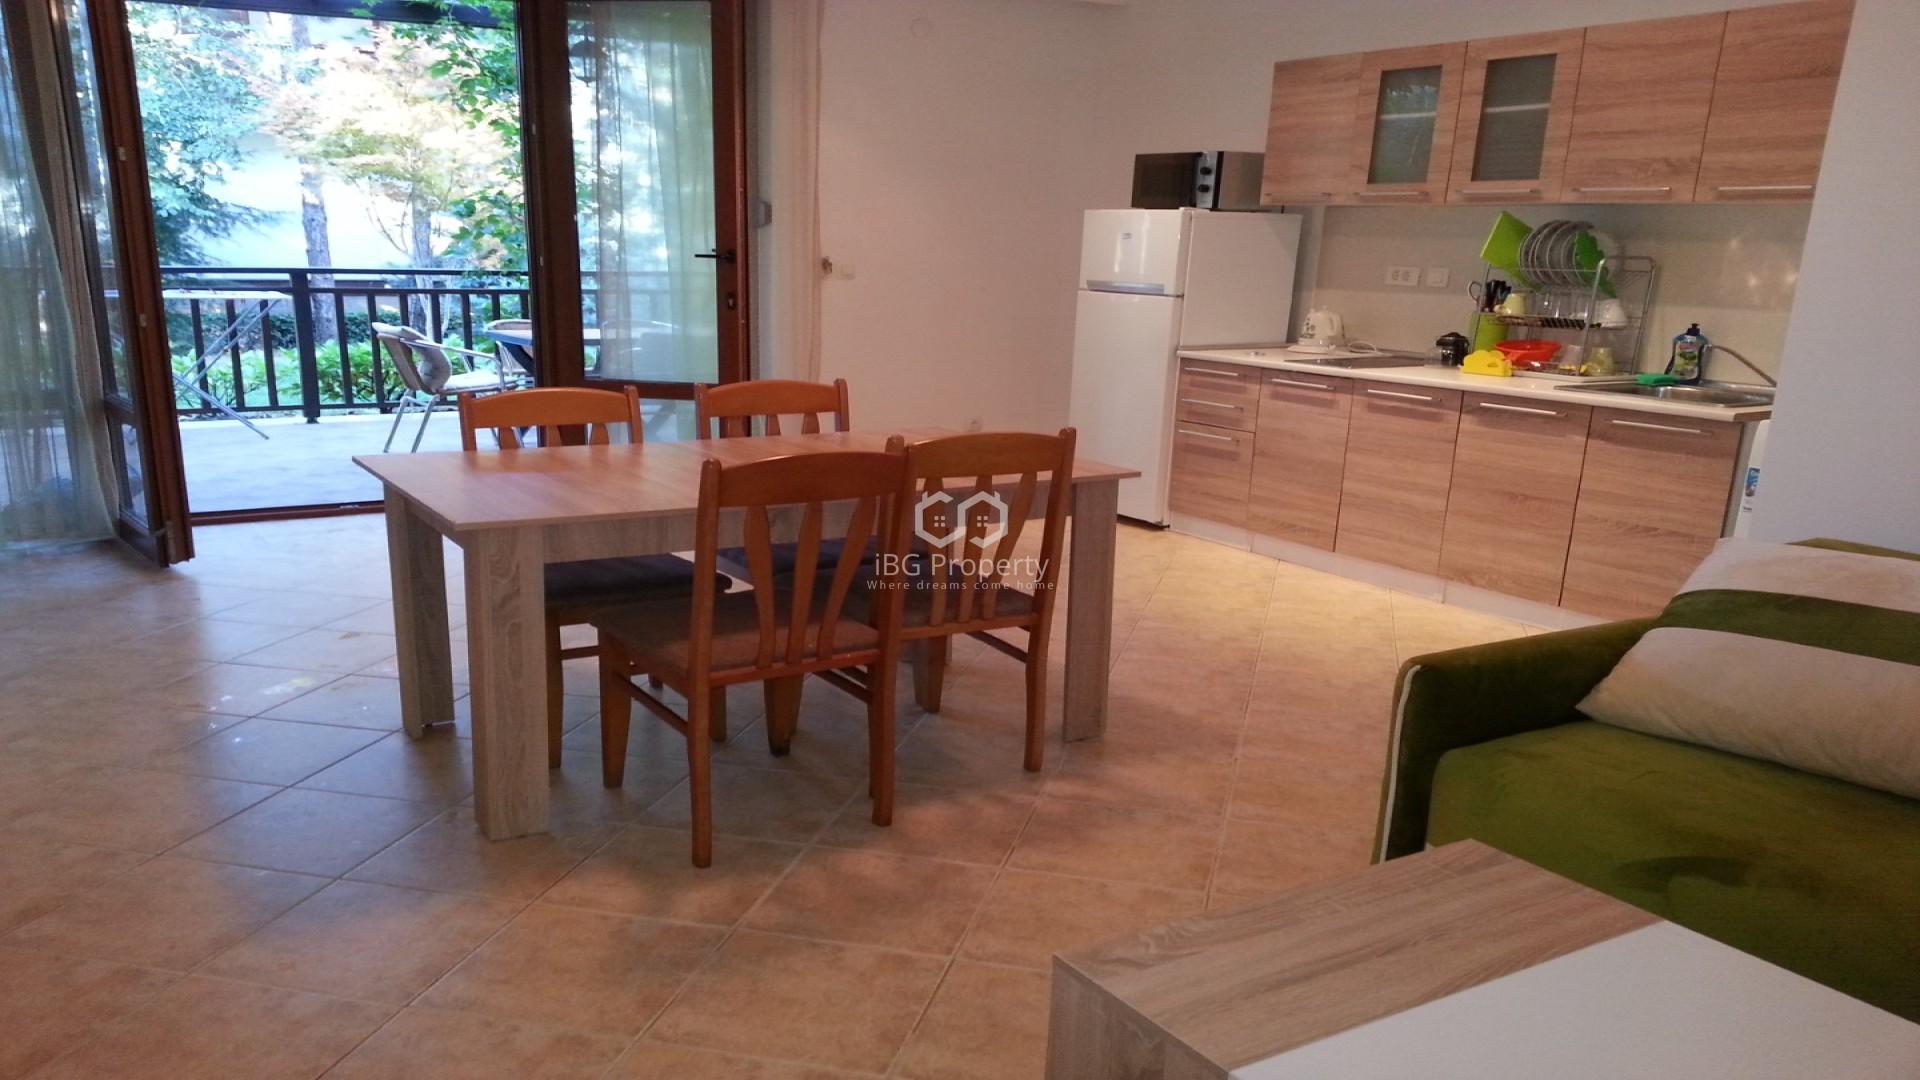 Dreizimmerwohnung in Sozopol 102 m2